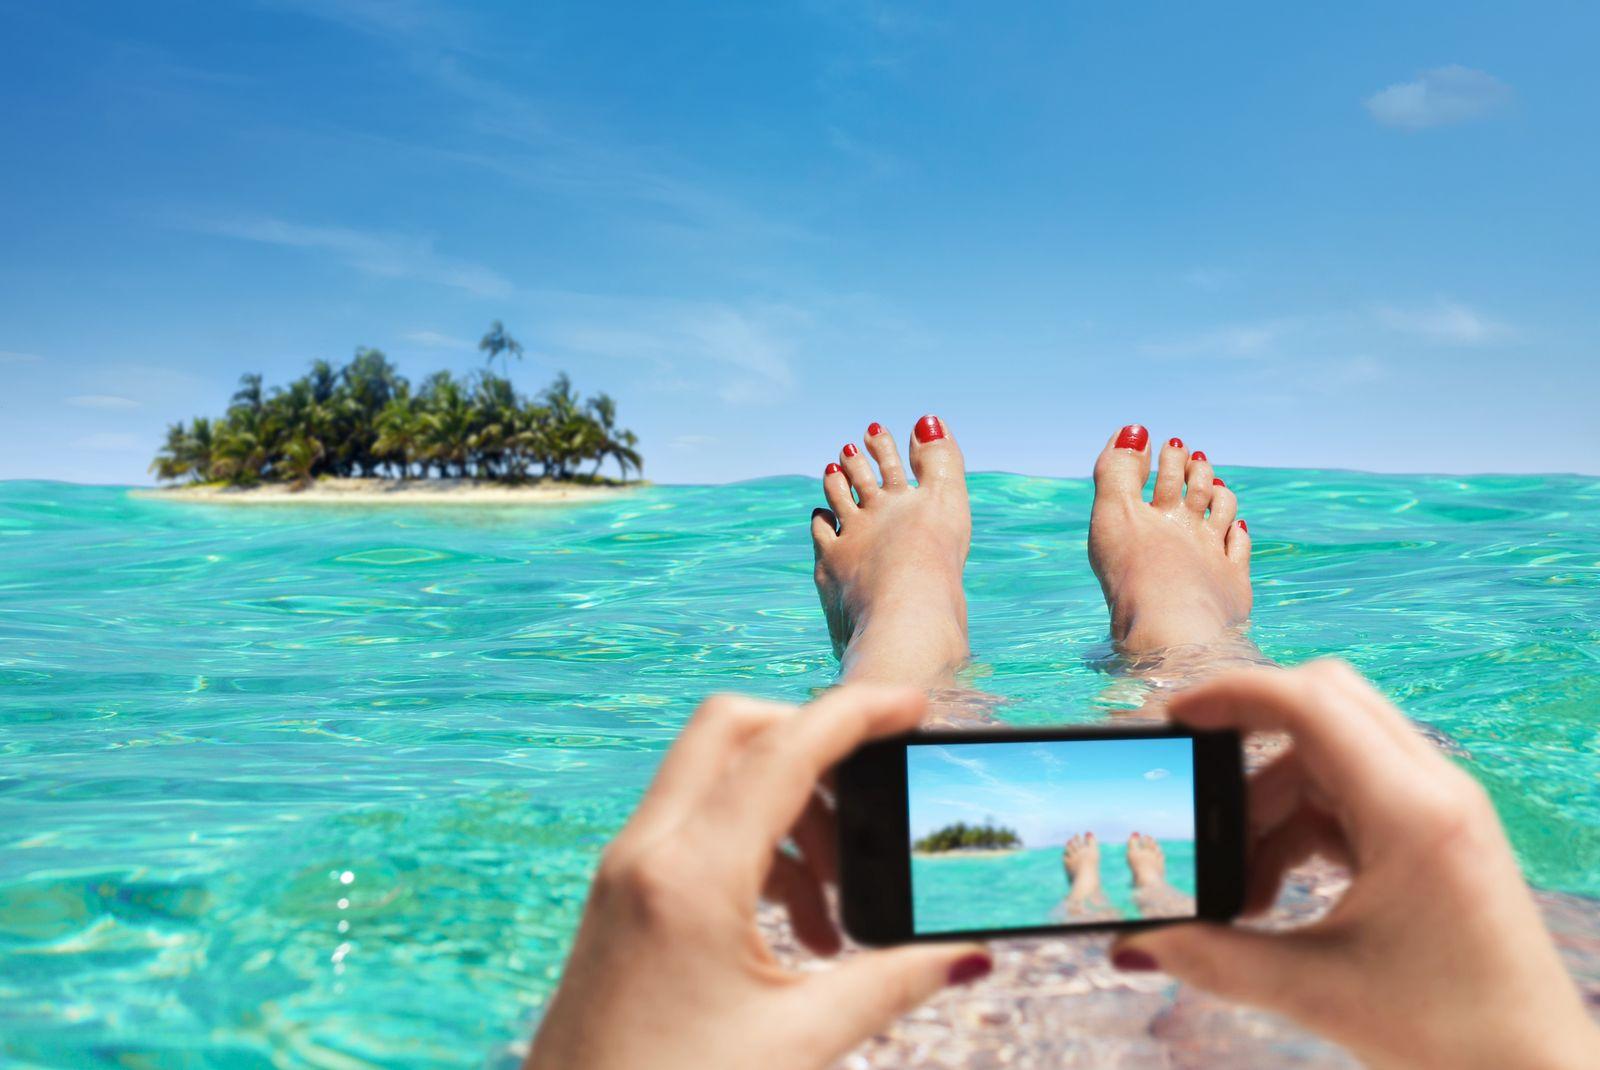 EINMALIGE VERWENDUNG Mobilfunk/ Urlaub